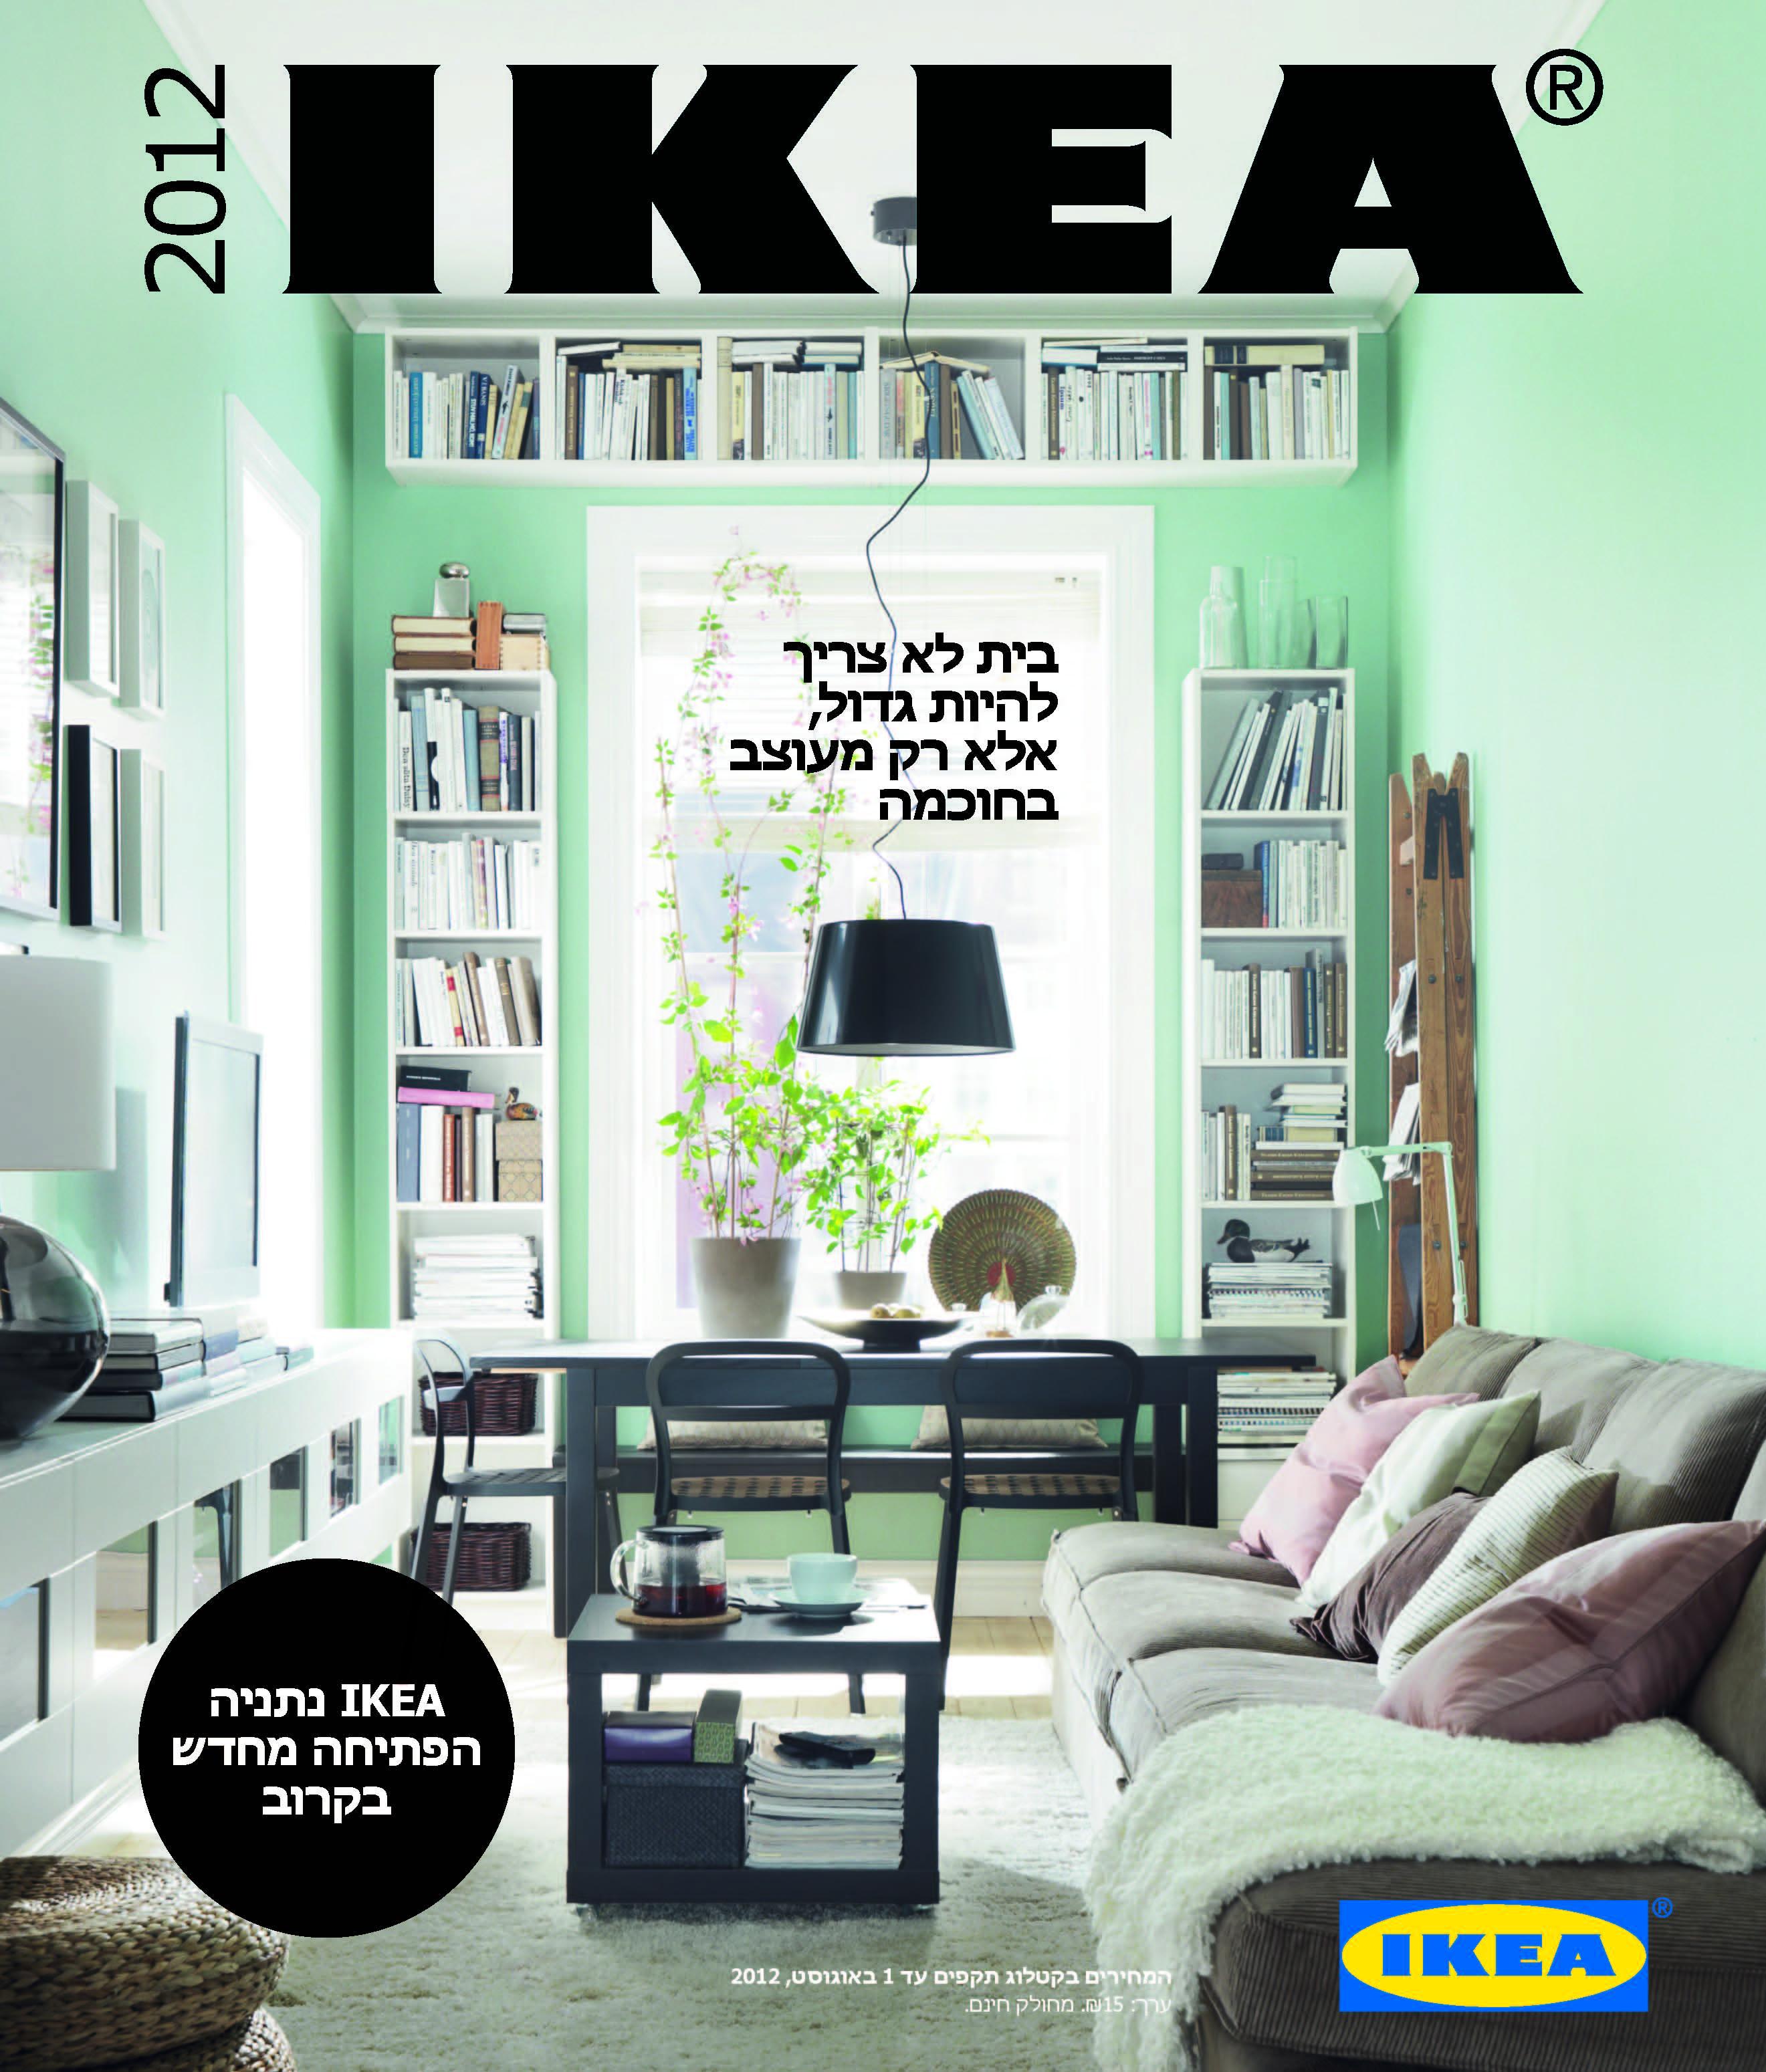 צעיר 1.25 מיליון בתים בישראל יקבלו את קטלוג 2012 של איקאה; הנושא המרכזי WO-11